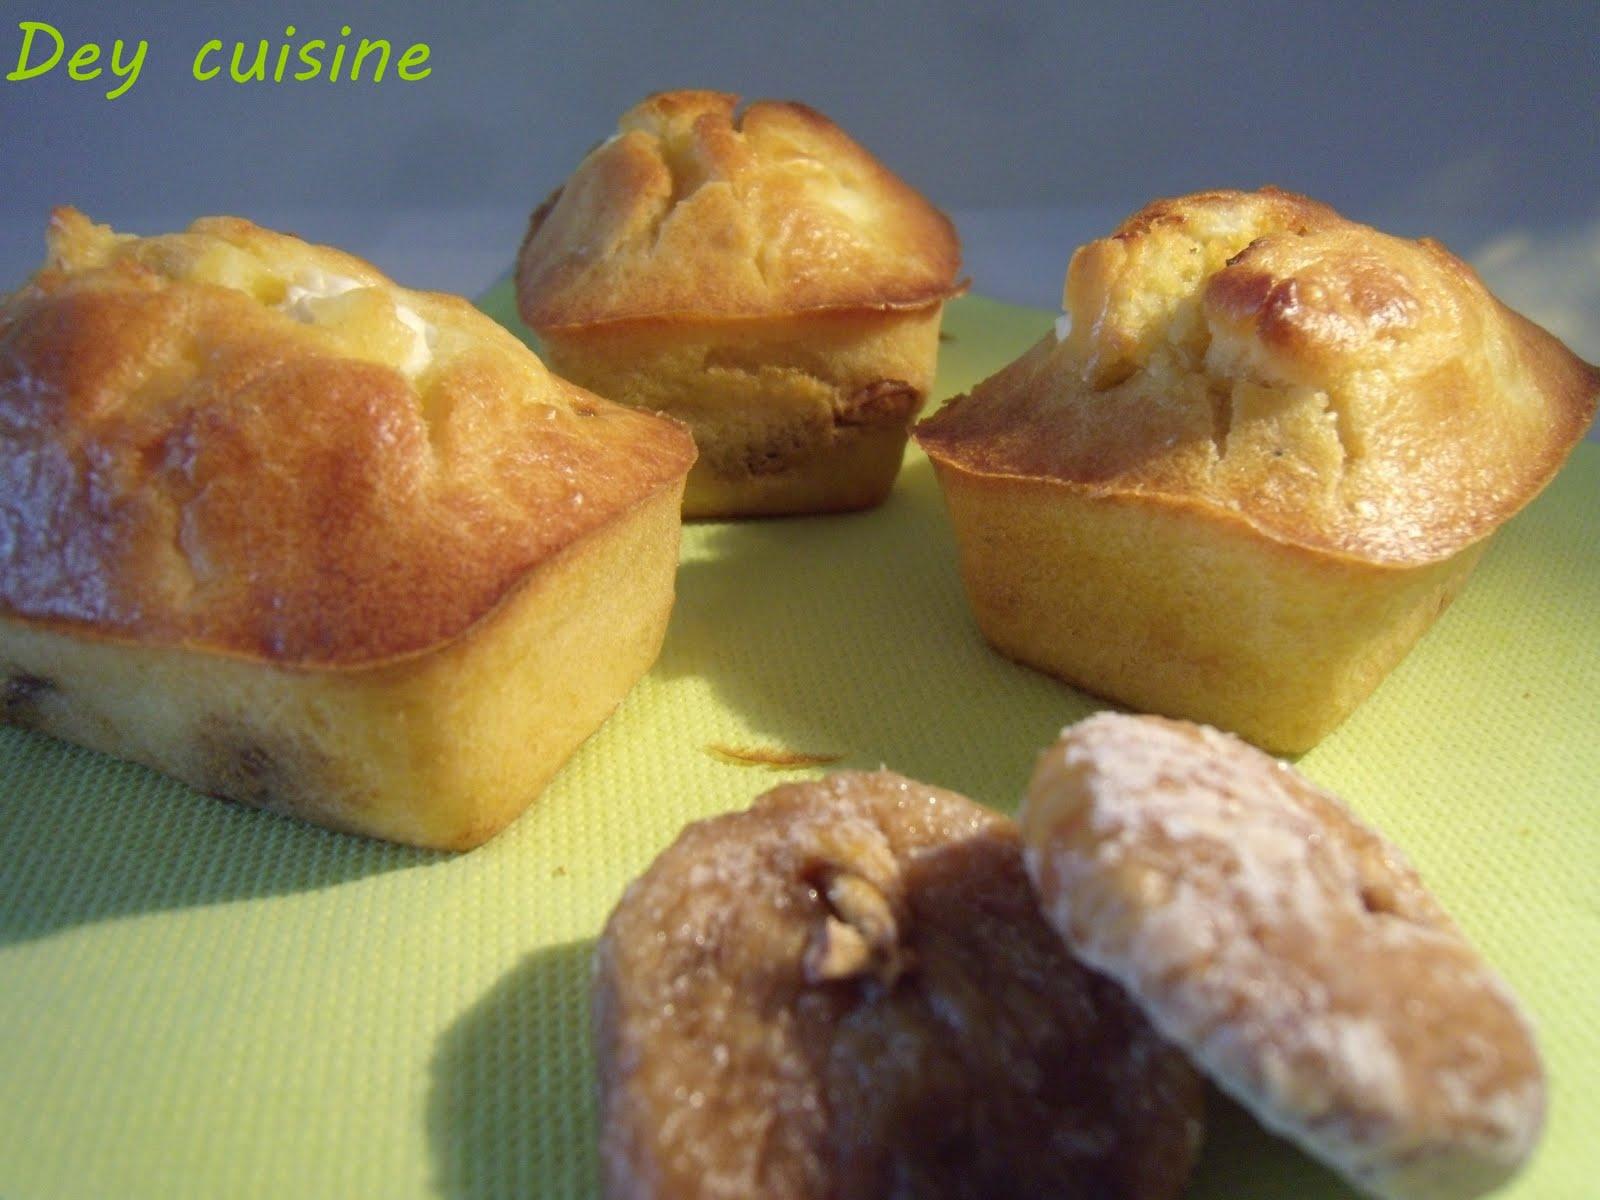 dey cuisine mini cakes au fromage de ch vre figue s che. Black Bedroom Furniture Sets. Home Design Ideas